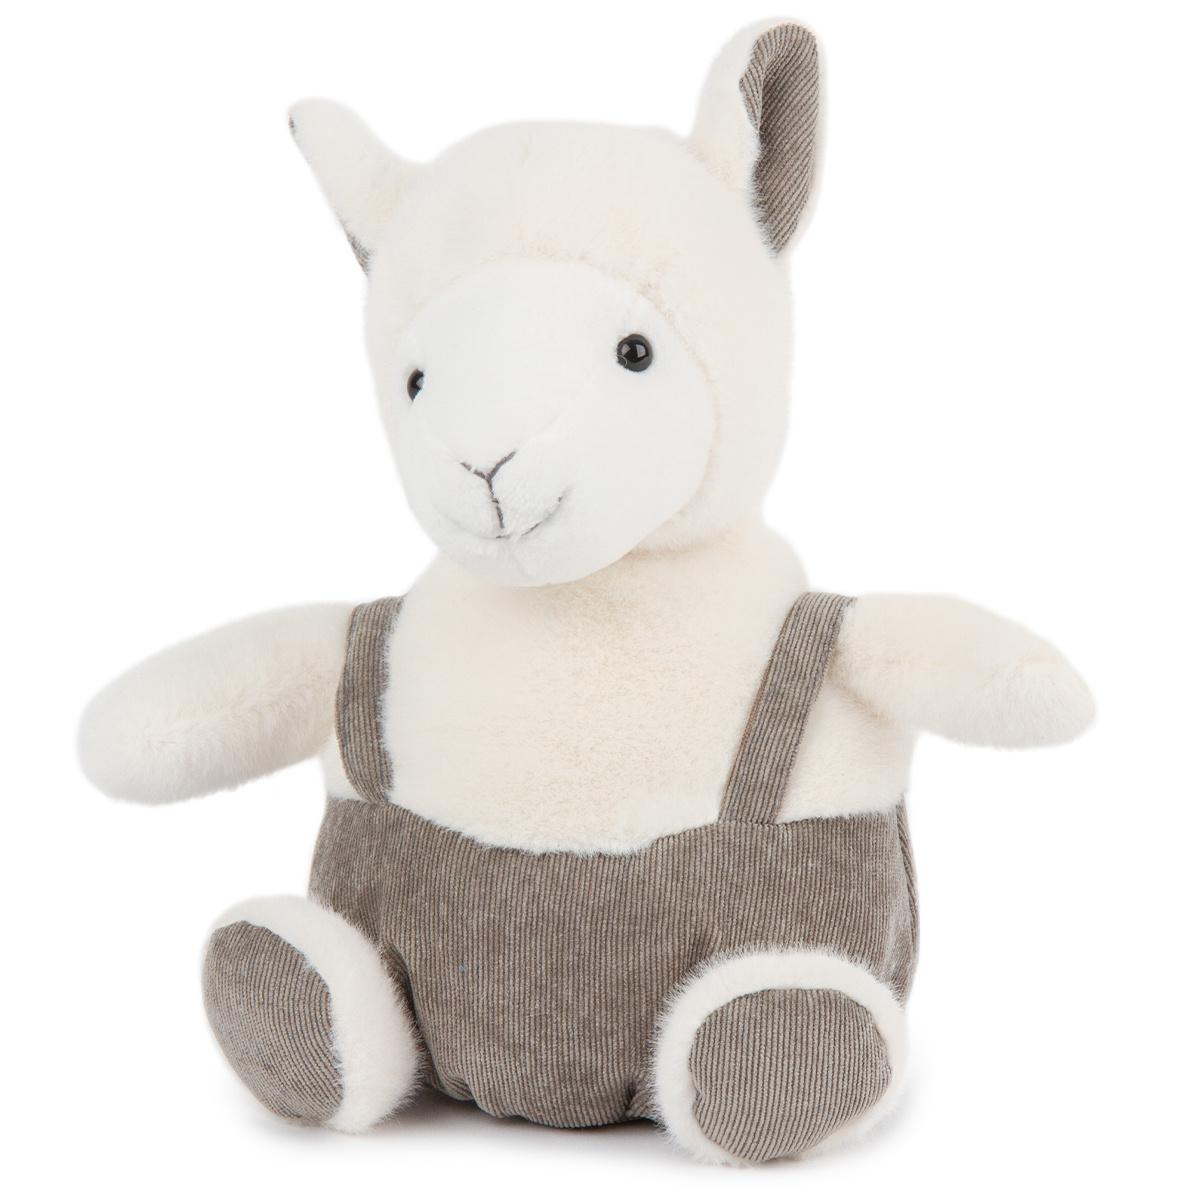 BO-MA Trading Plyšová ovečka s kšandami, 22 cm